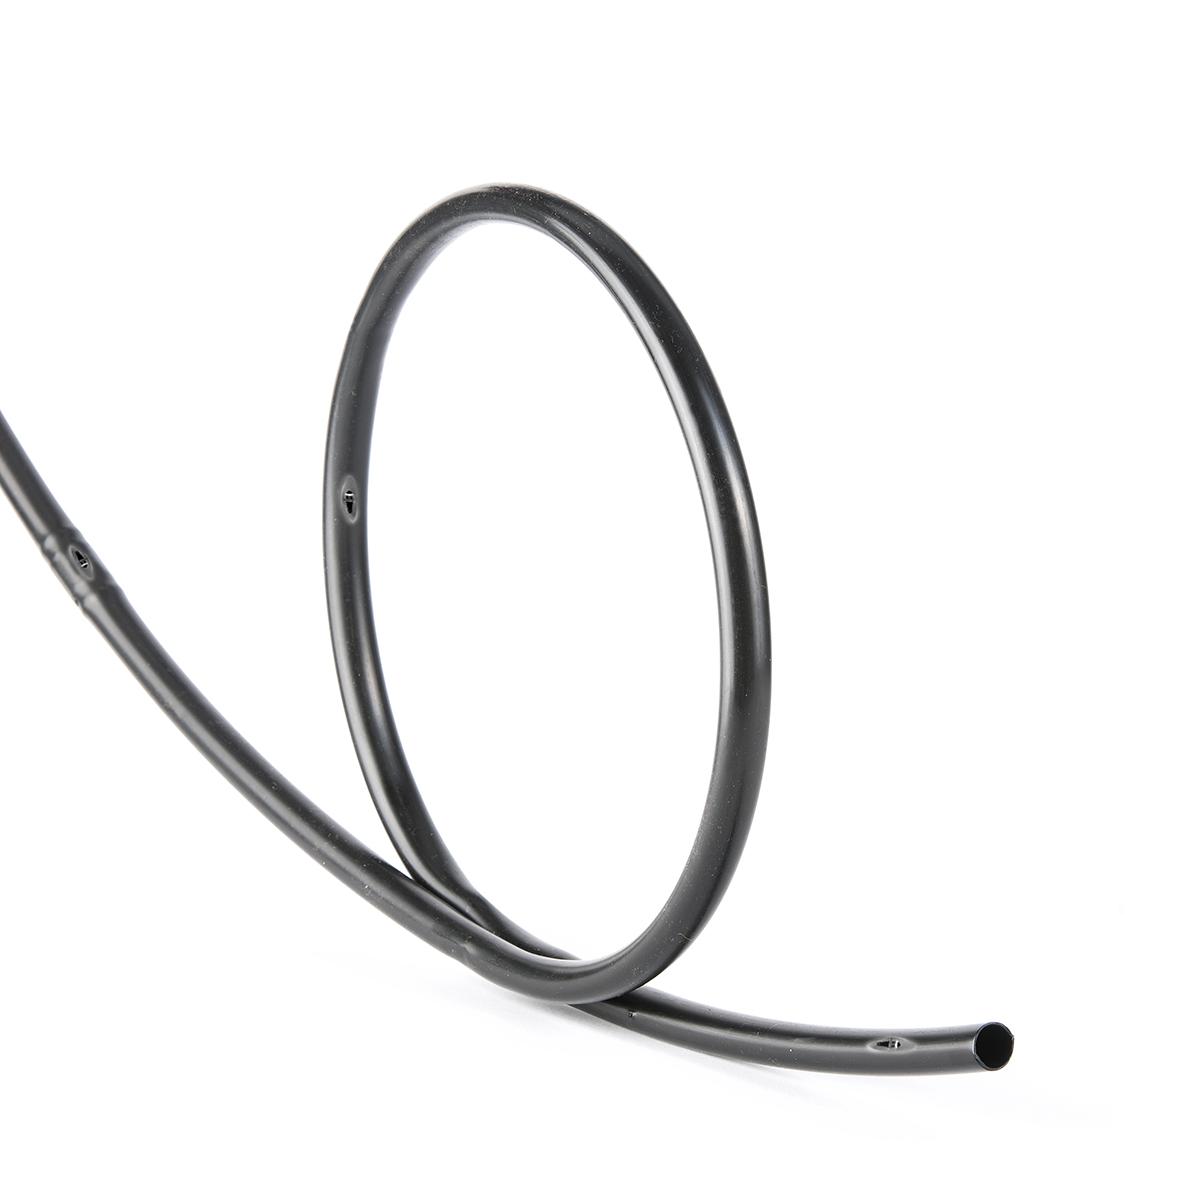 Tropfschlauch 16mm Perlschlauch Gartenbewässerung  schwarz (Meterware)